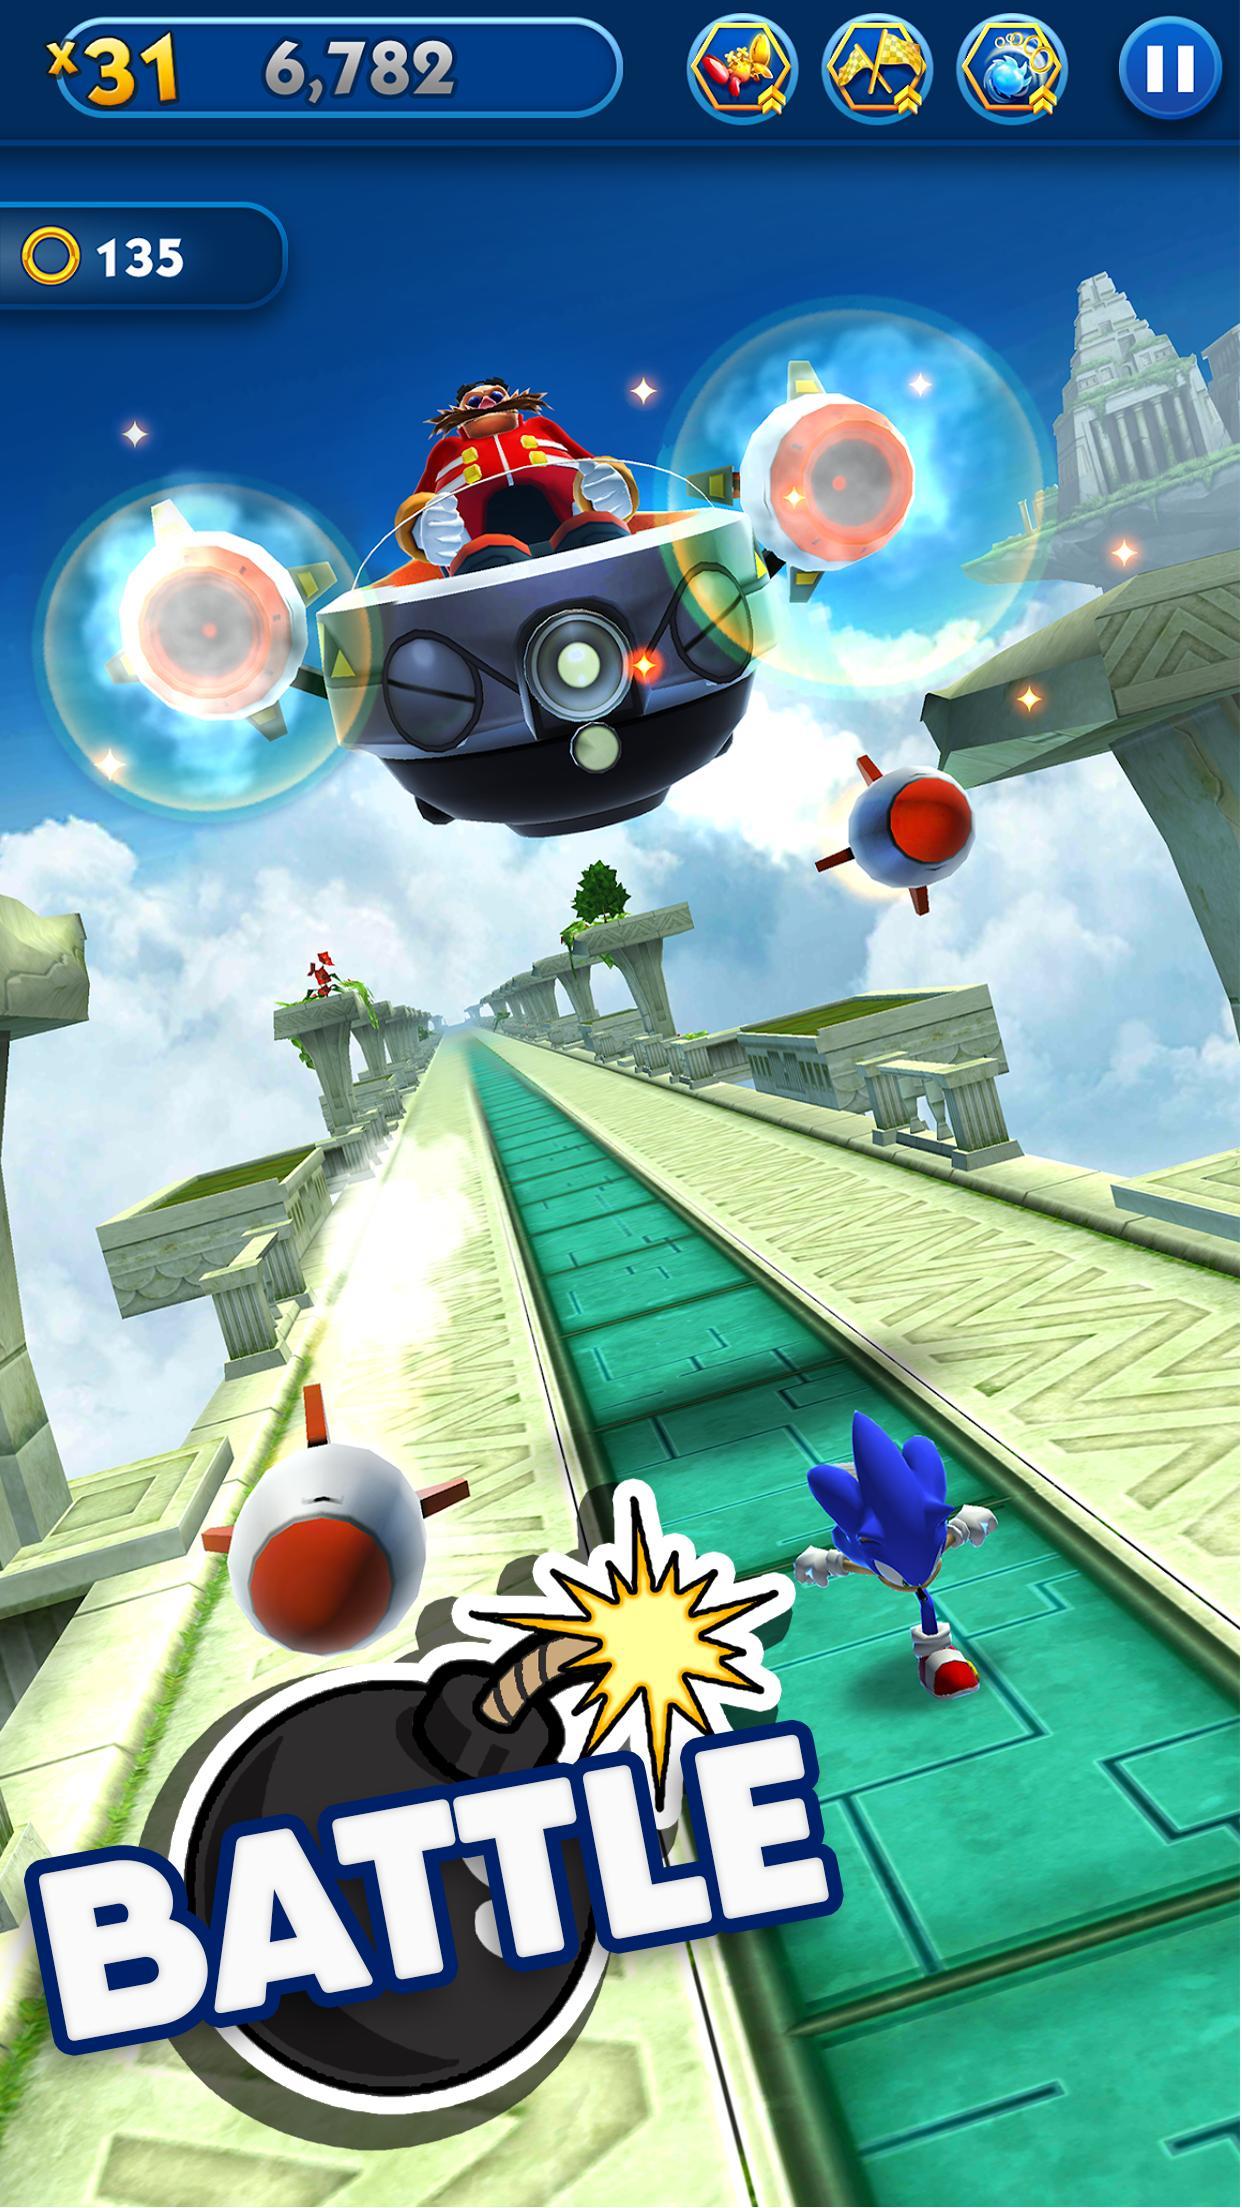 Sonic Dash - Endless Running & Racing Game 4.14.0 Screenshot 3